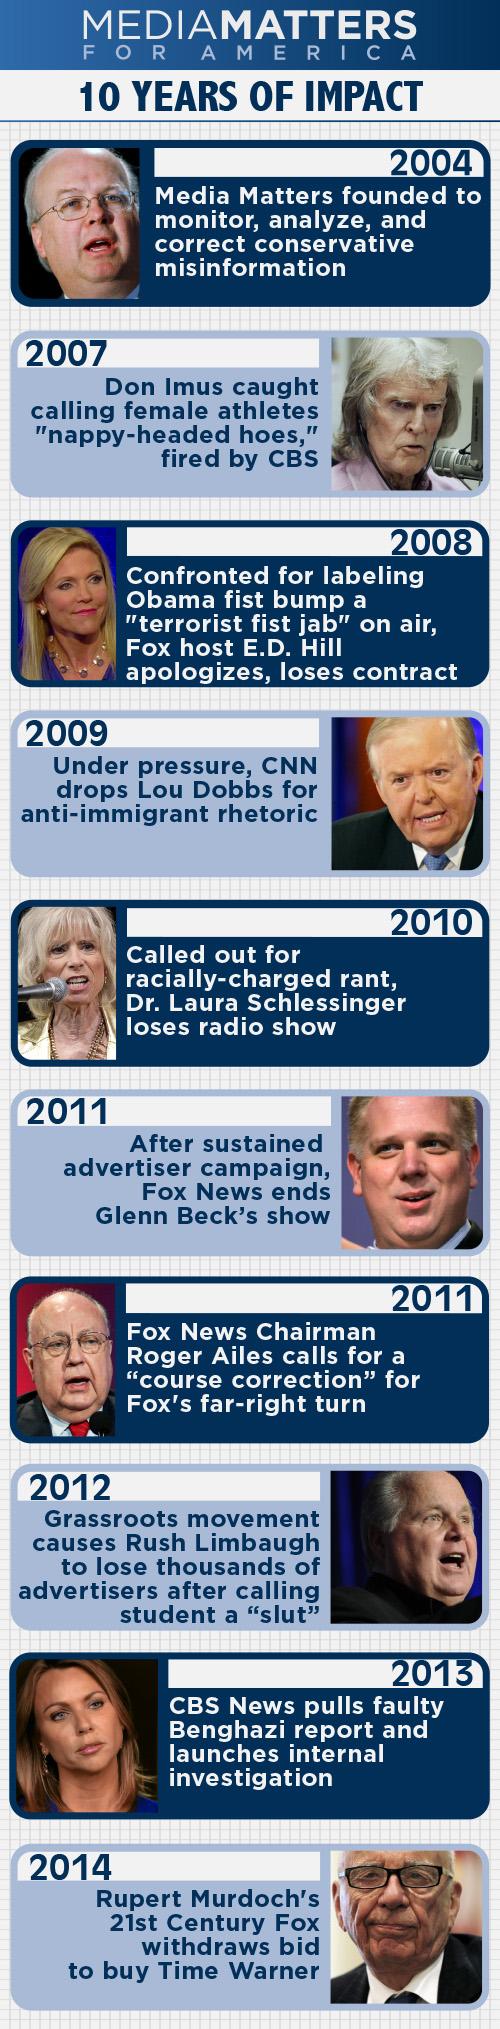 Media Matters Timeline